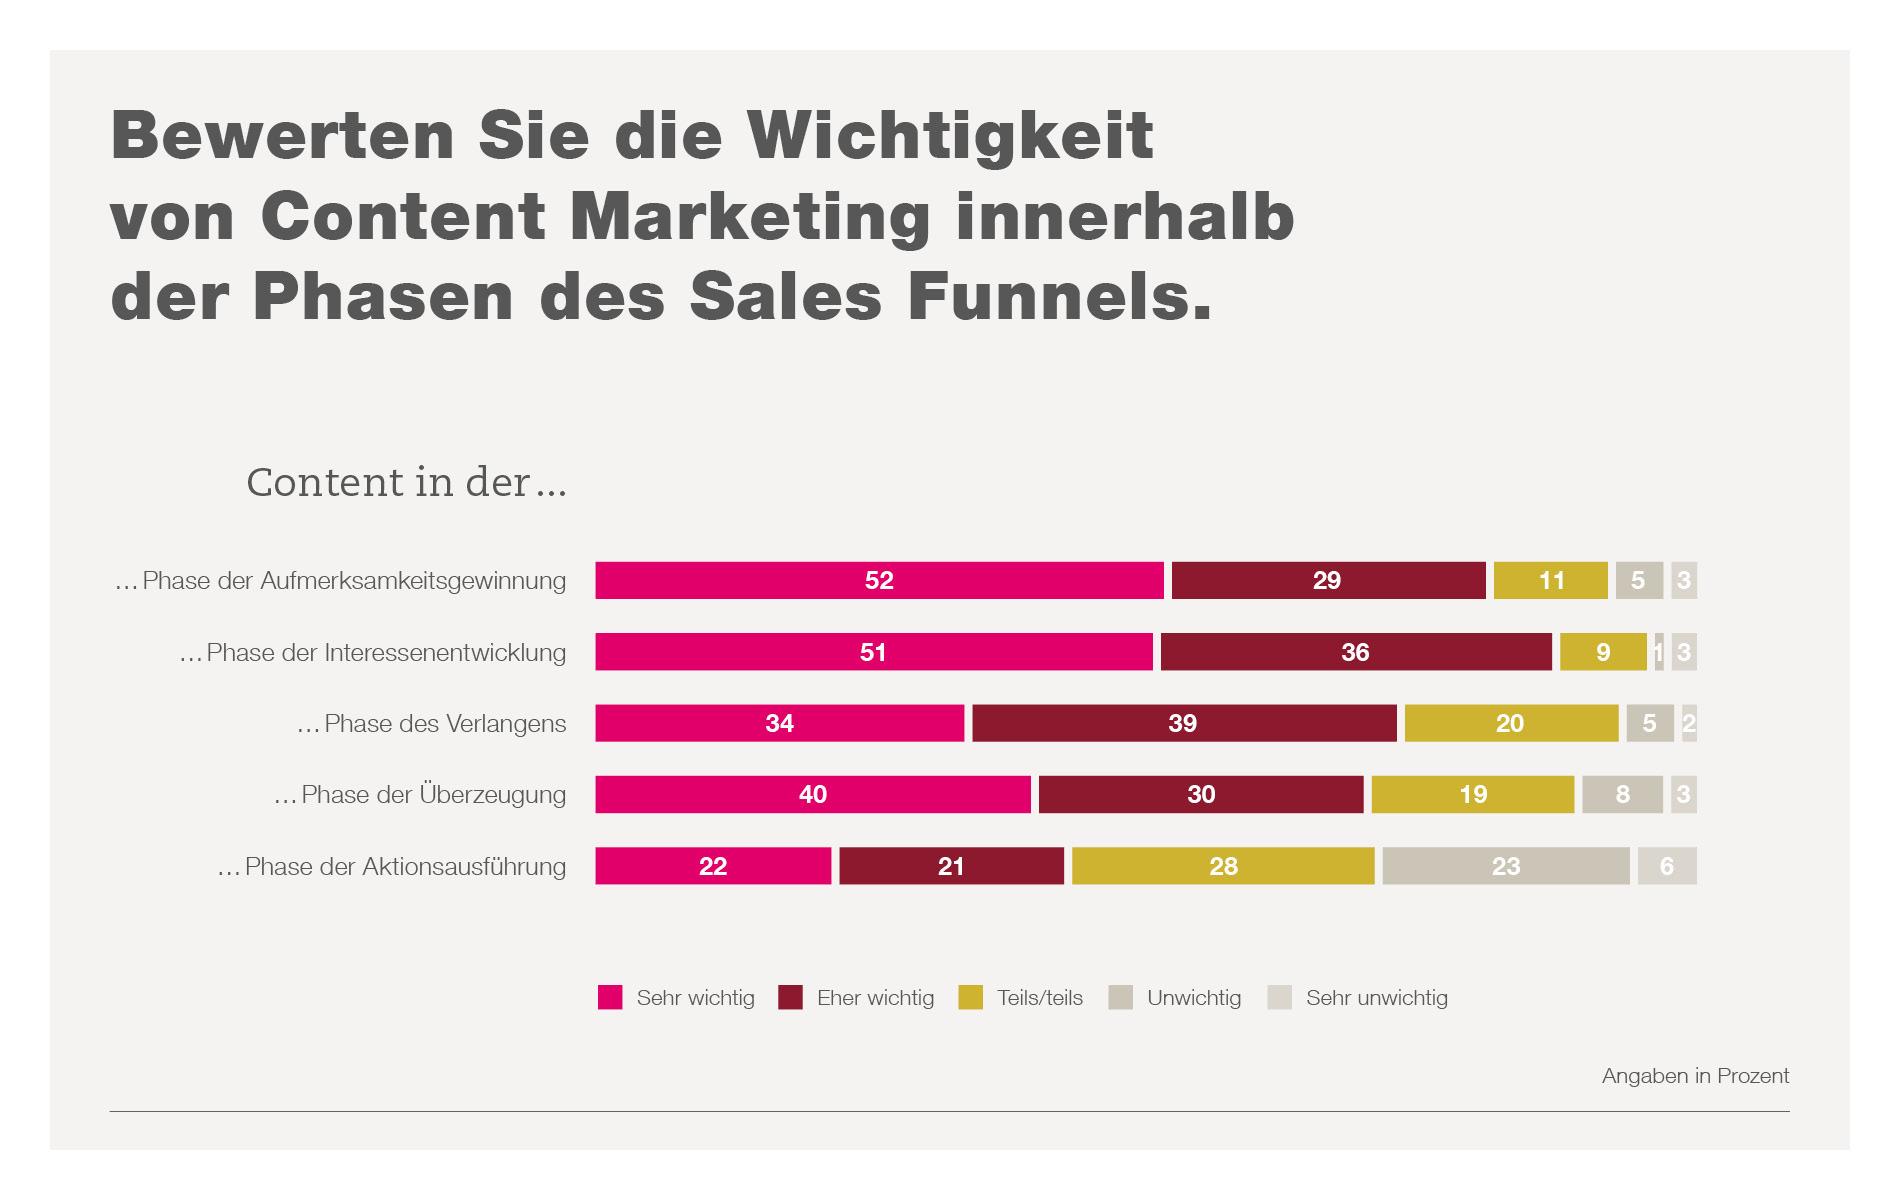 Content Marketing Studie von fischerAppelt